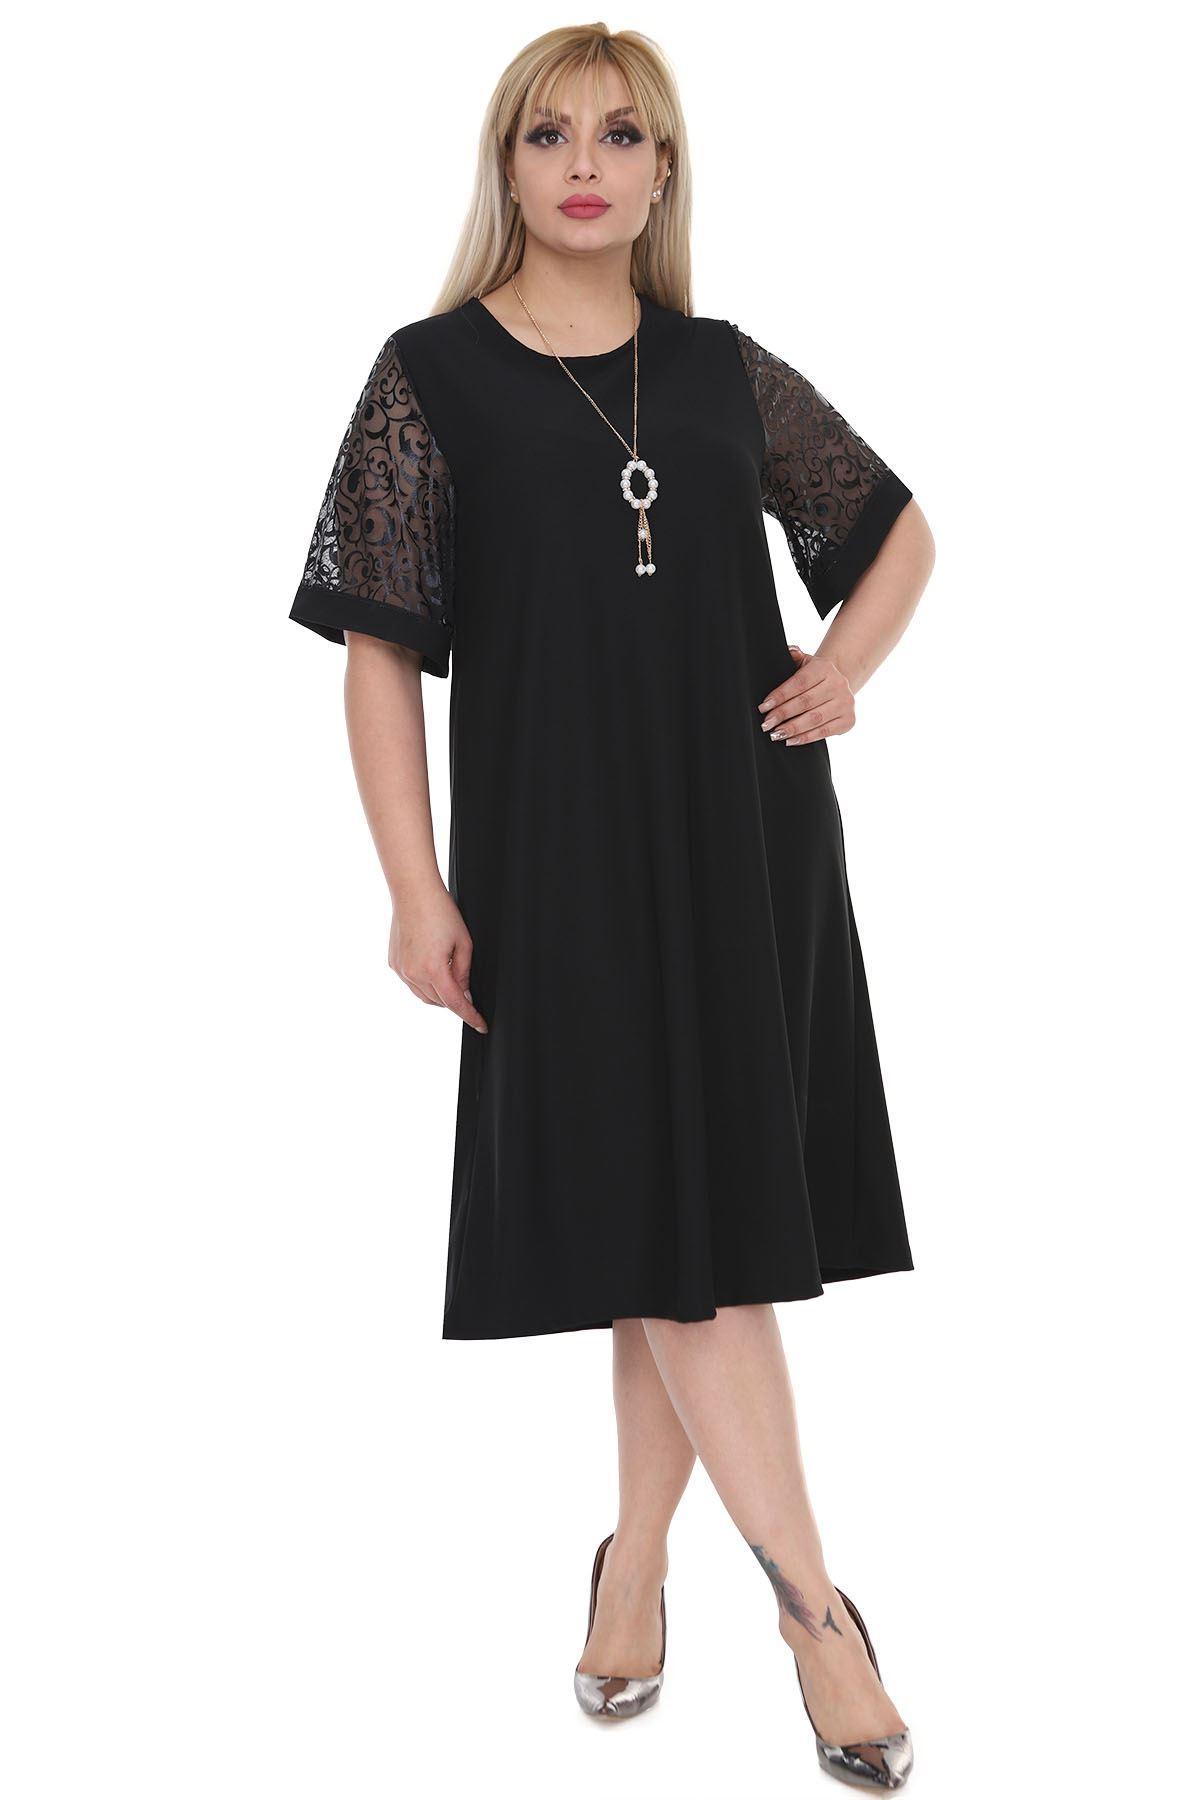 Kimono Kol Siyah Büyük Beden Elbise 8A-0521